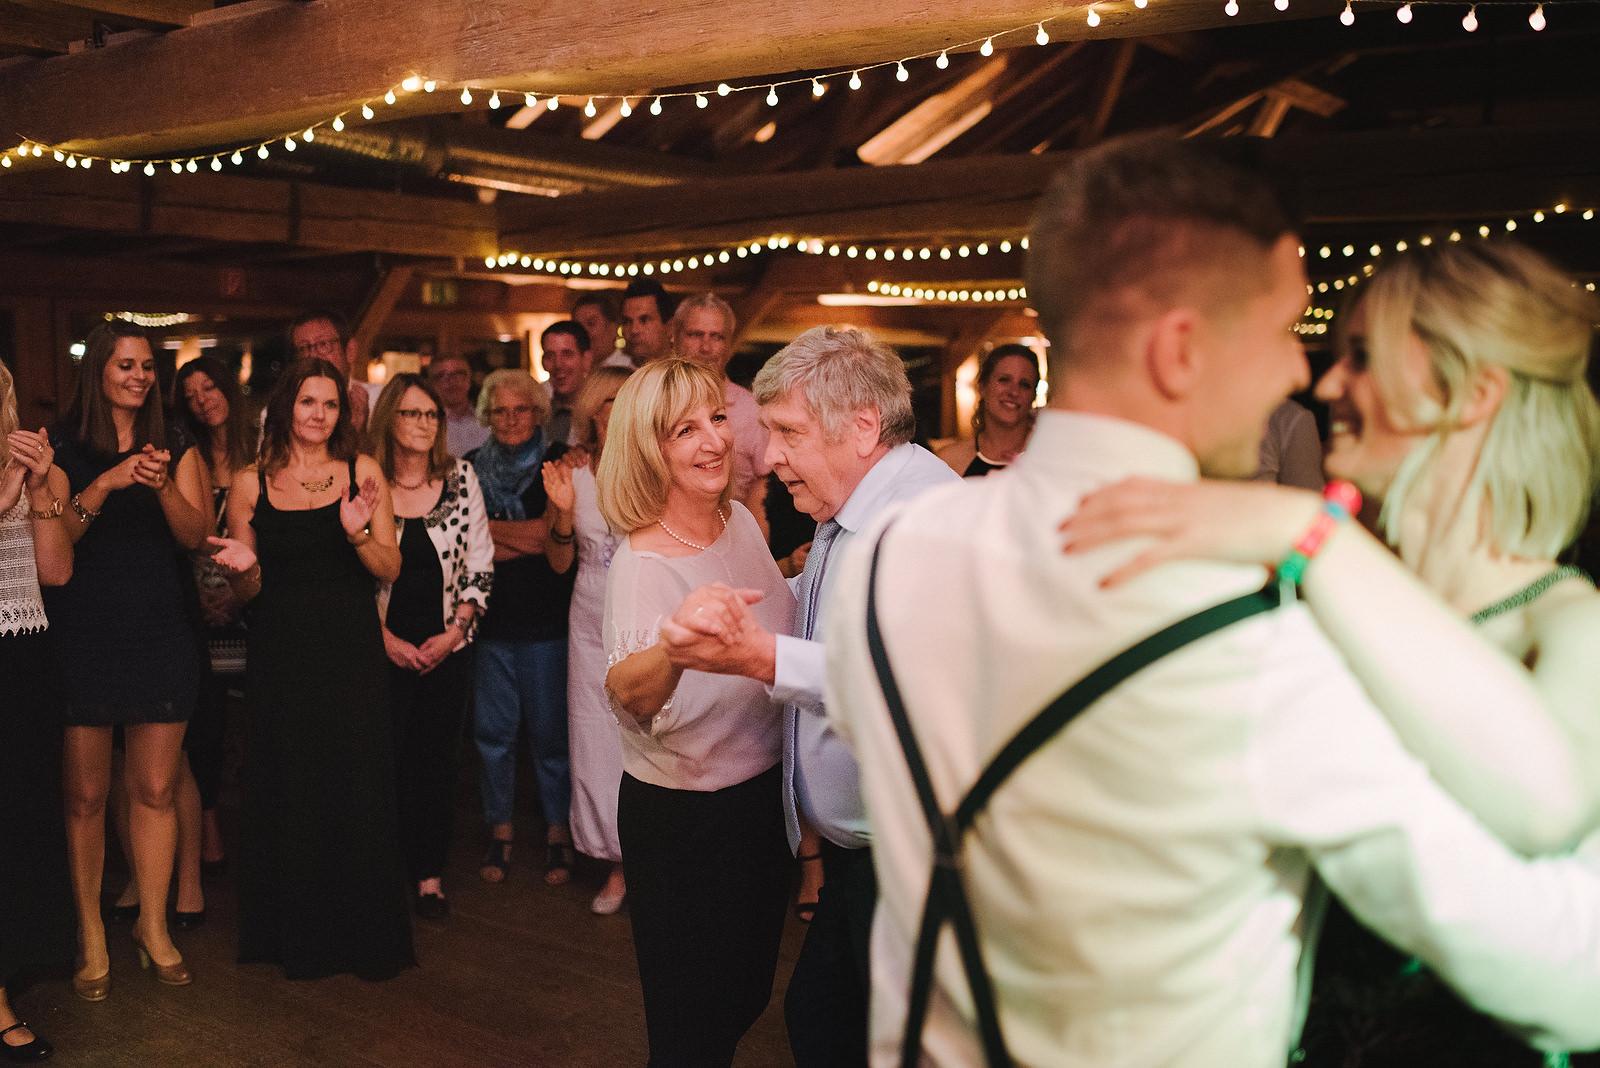 Fotograf Konstanz - Hochzeitsfotograf Reutlingen Achalm Hochzeit EFP 102 - Documentary wedding story on the Achalm, Reutlingen  - 81 -